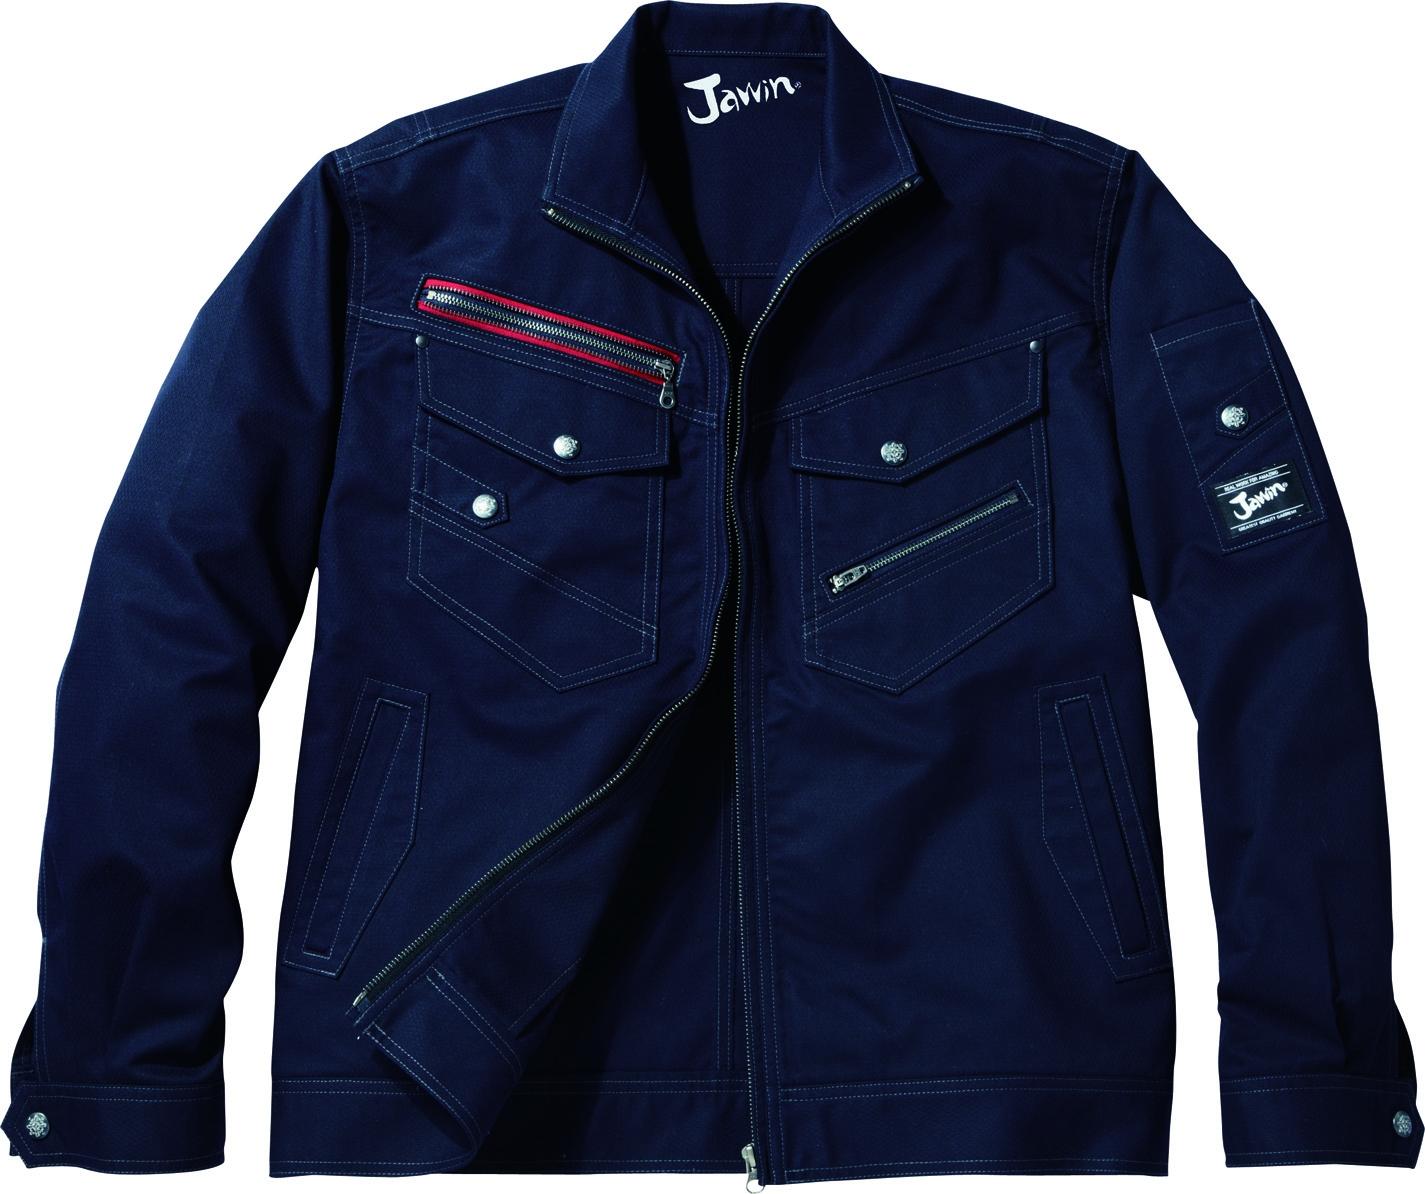 自重堂作業服52100シリーズ 、ワーカーのプライドに響くクールな作業服